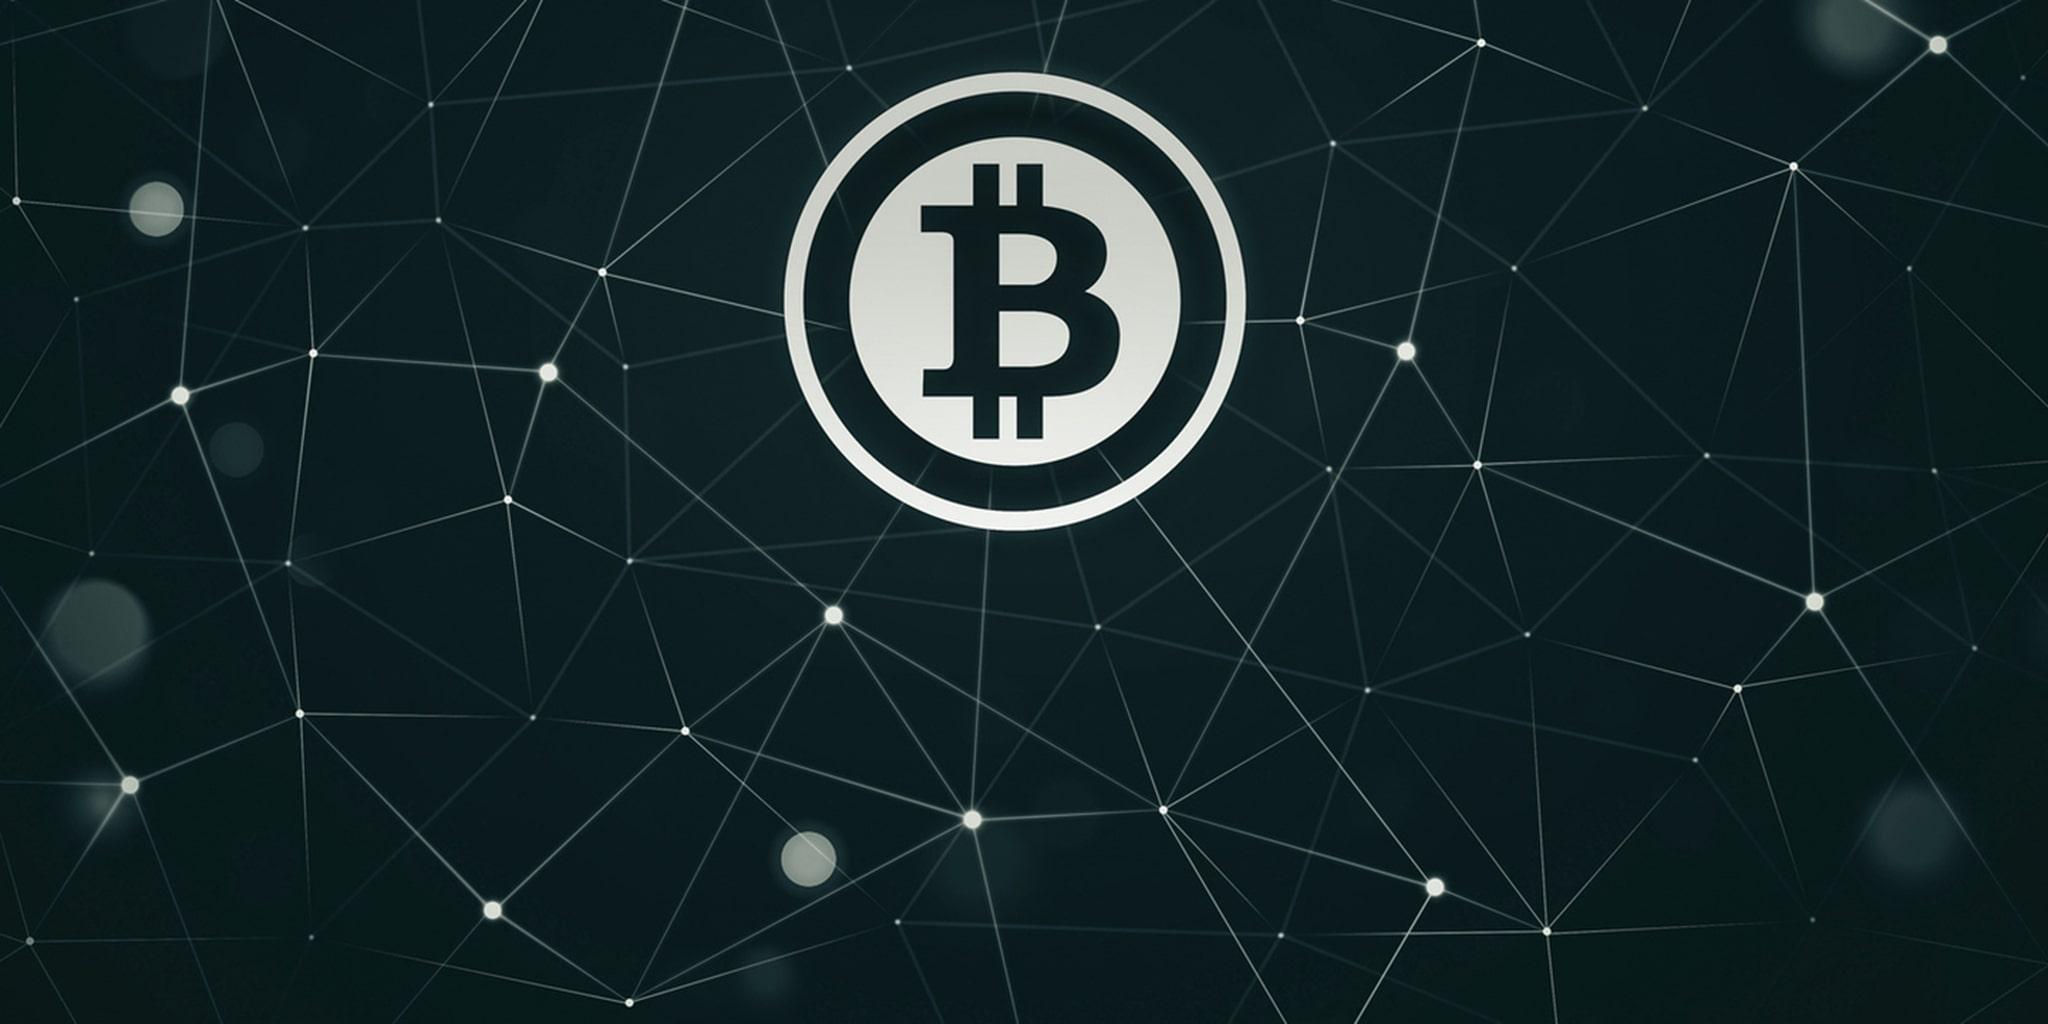 بیت کوین دارک bitcoindark چیست؟